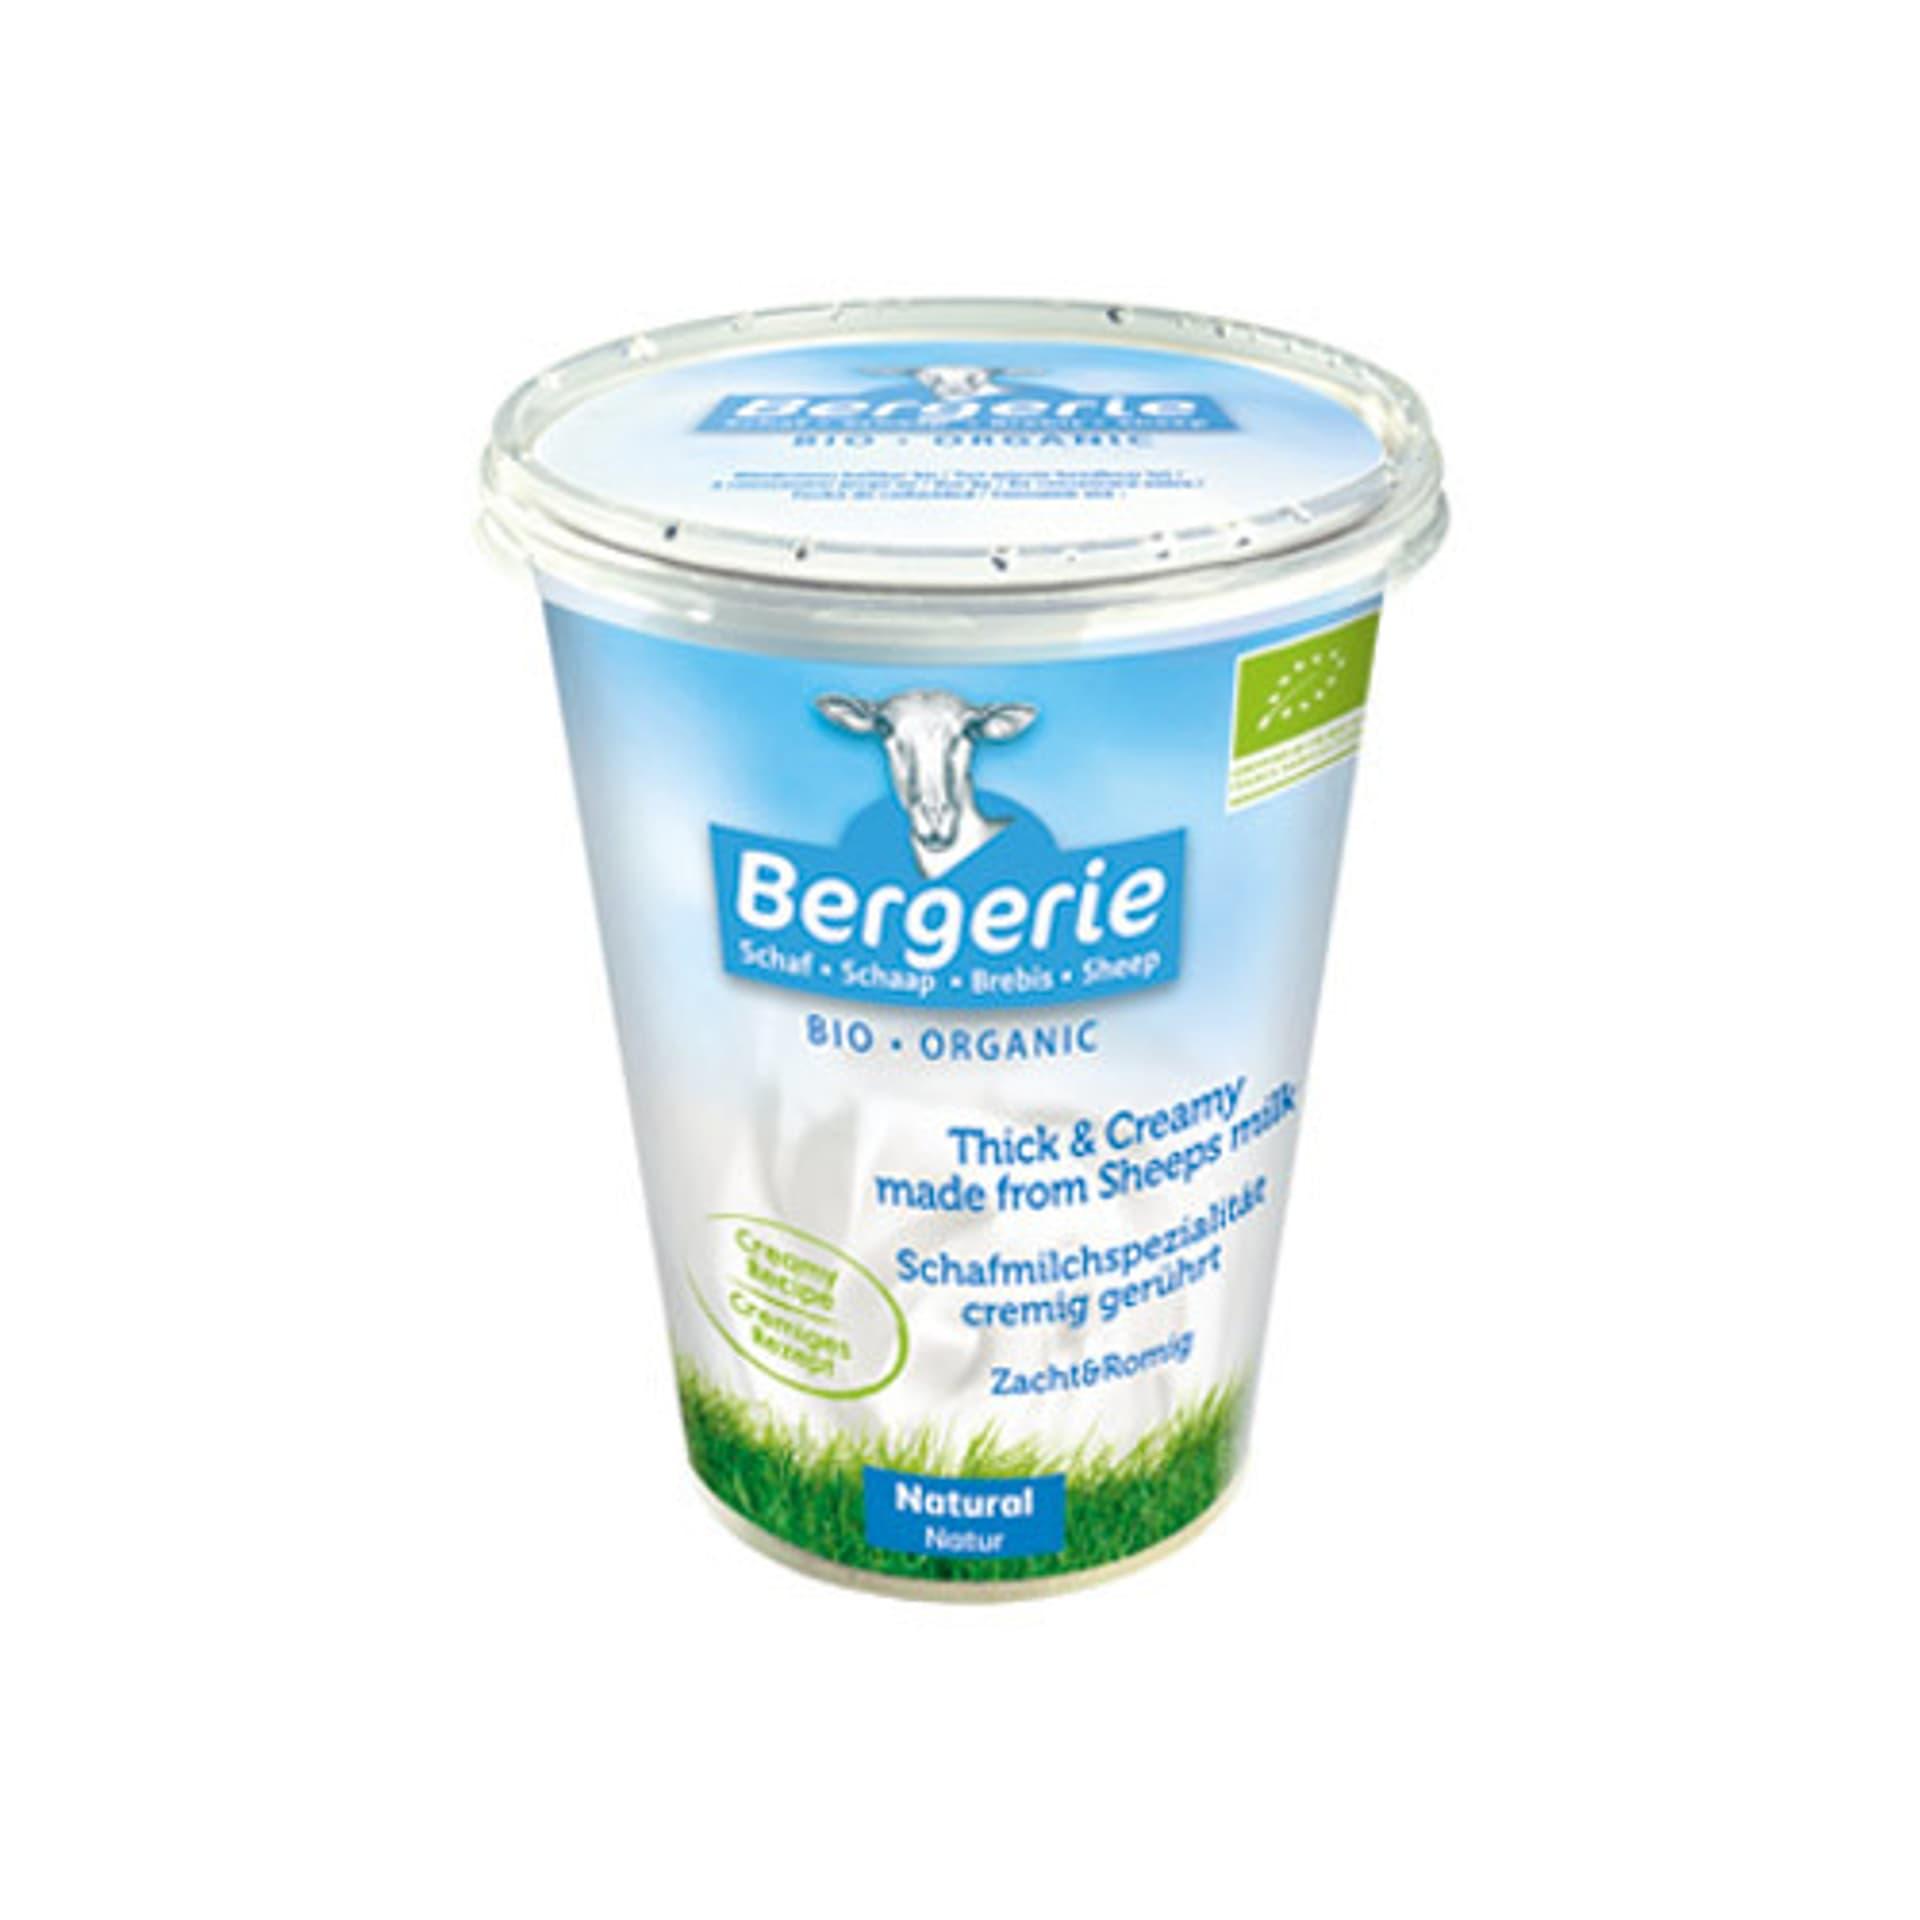 Bergerie Schafsmilchjoghurt